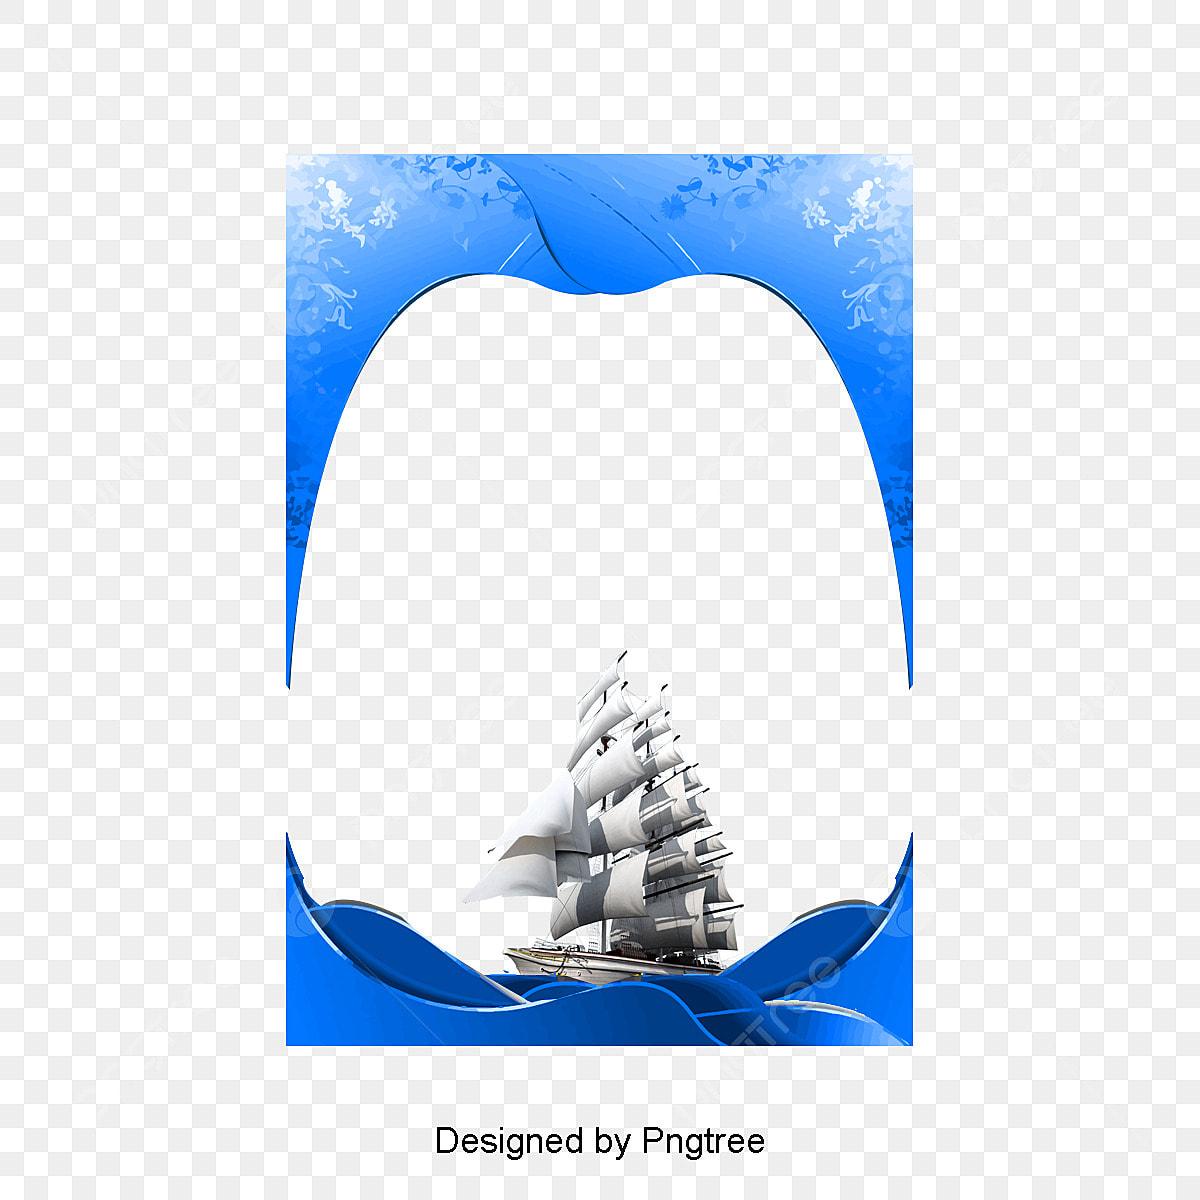 大のベクトルのイラスト ヨット 海 靑い画像とpsd素材ファイルの無料